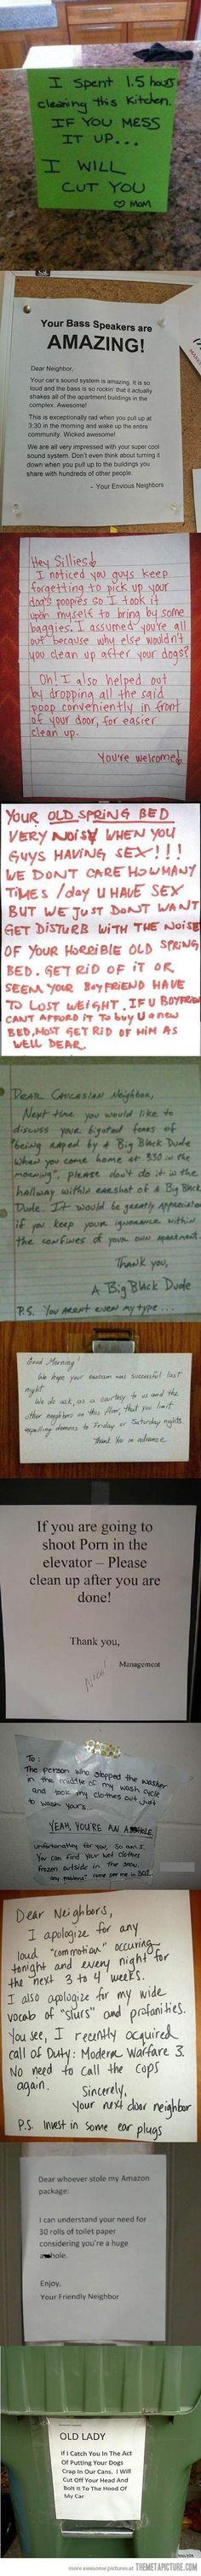 Passive aggressive notes…